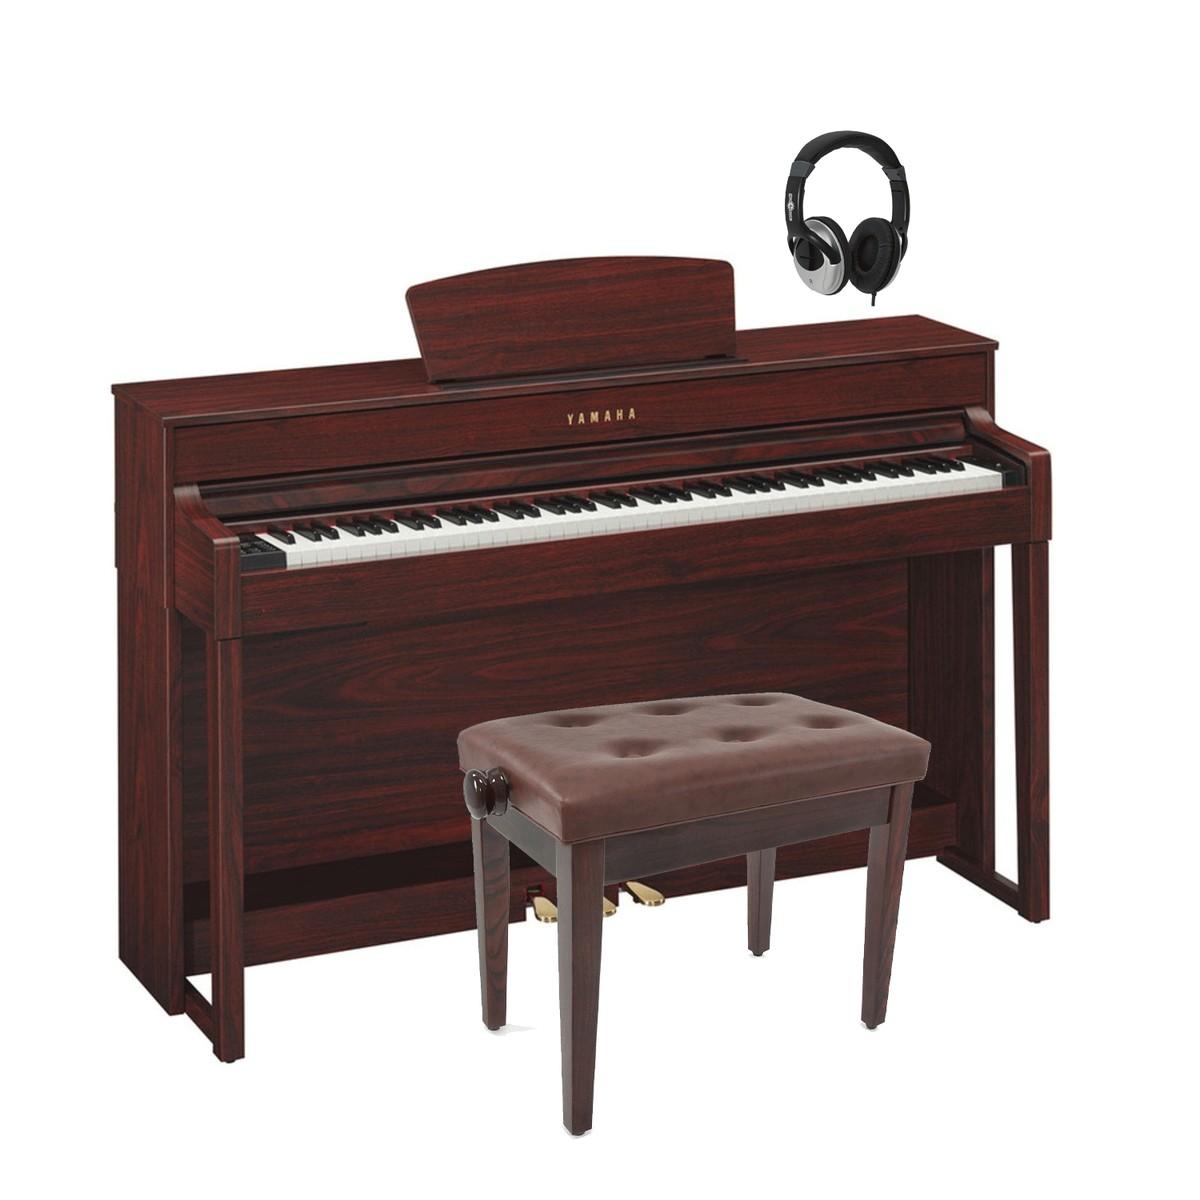 Yamaha clp535 clavinova digital piano mahogany package for Yamaha digital piano clavinova